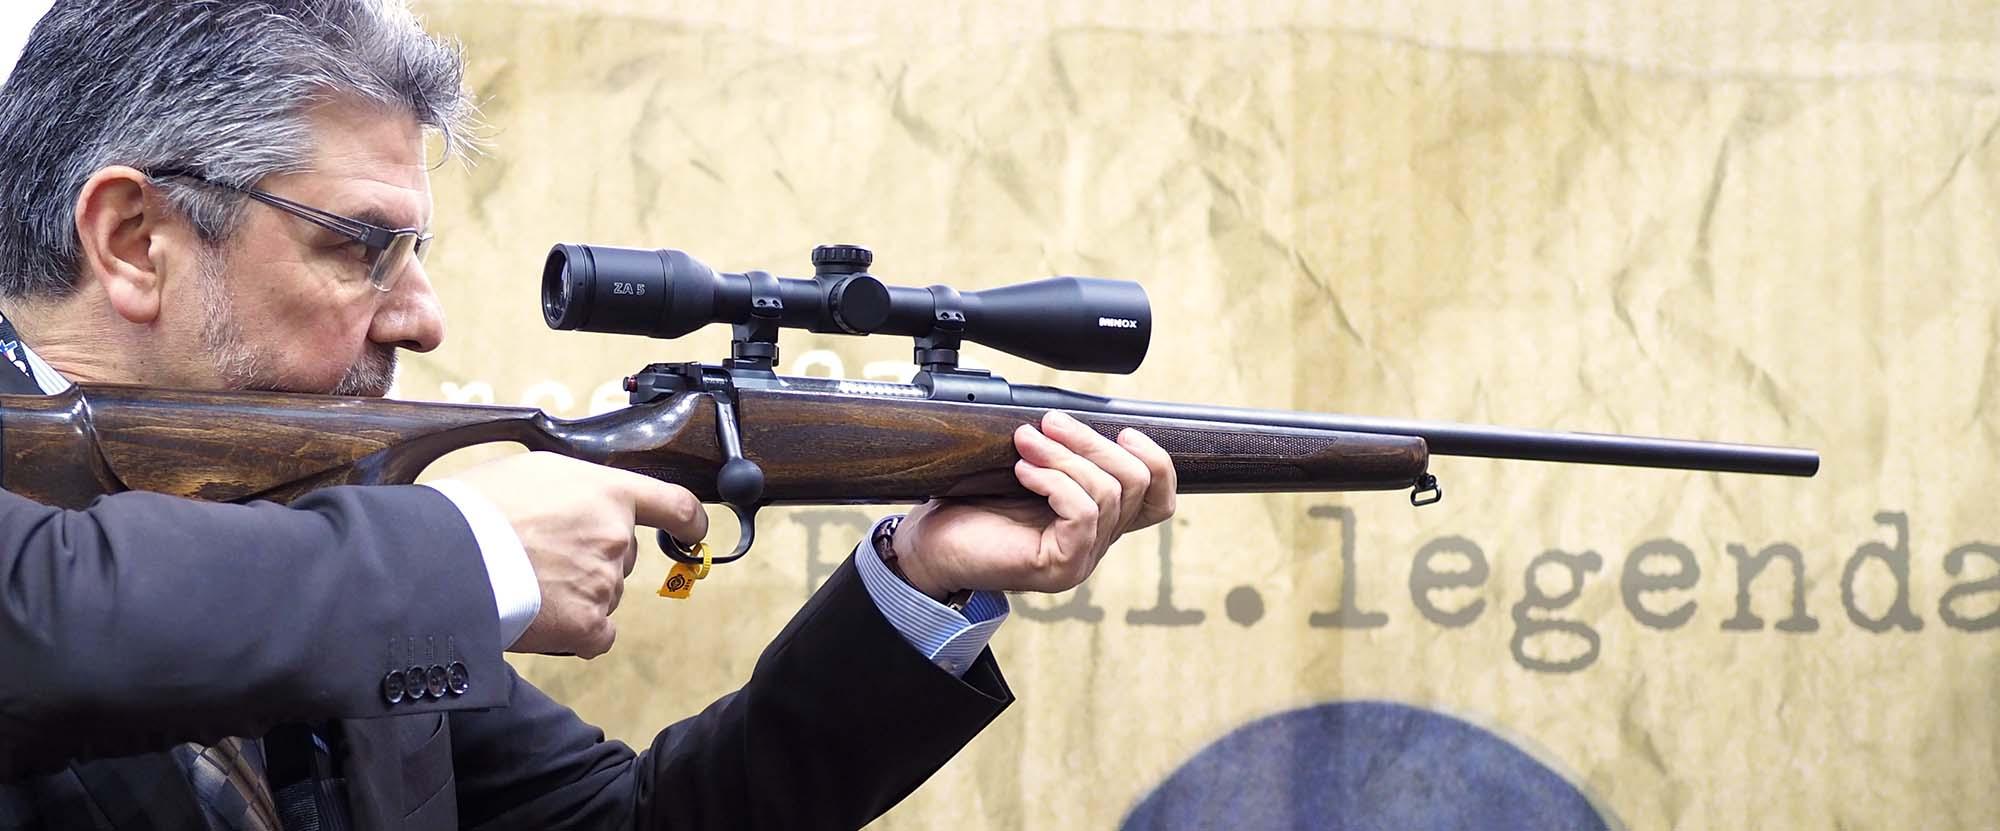 VIDEO: new Mauser M12 MAX bolt-action rifle | GUNSweek com